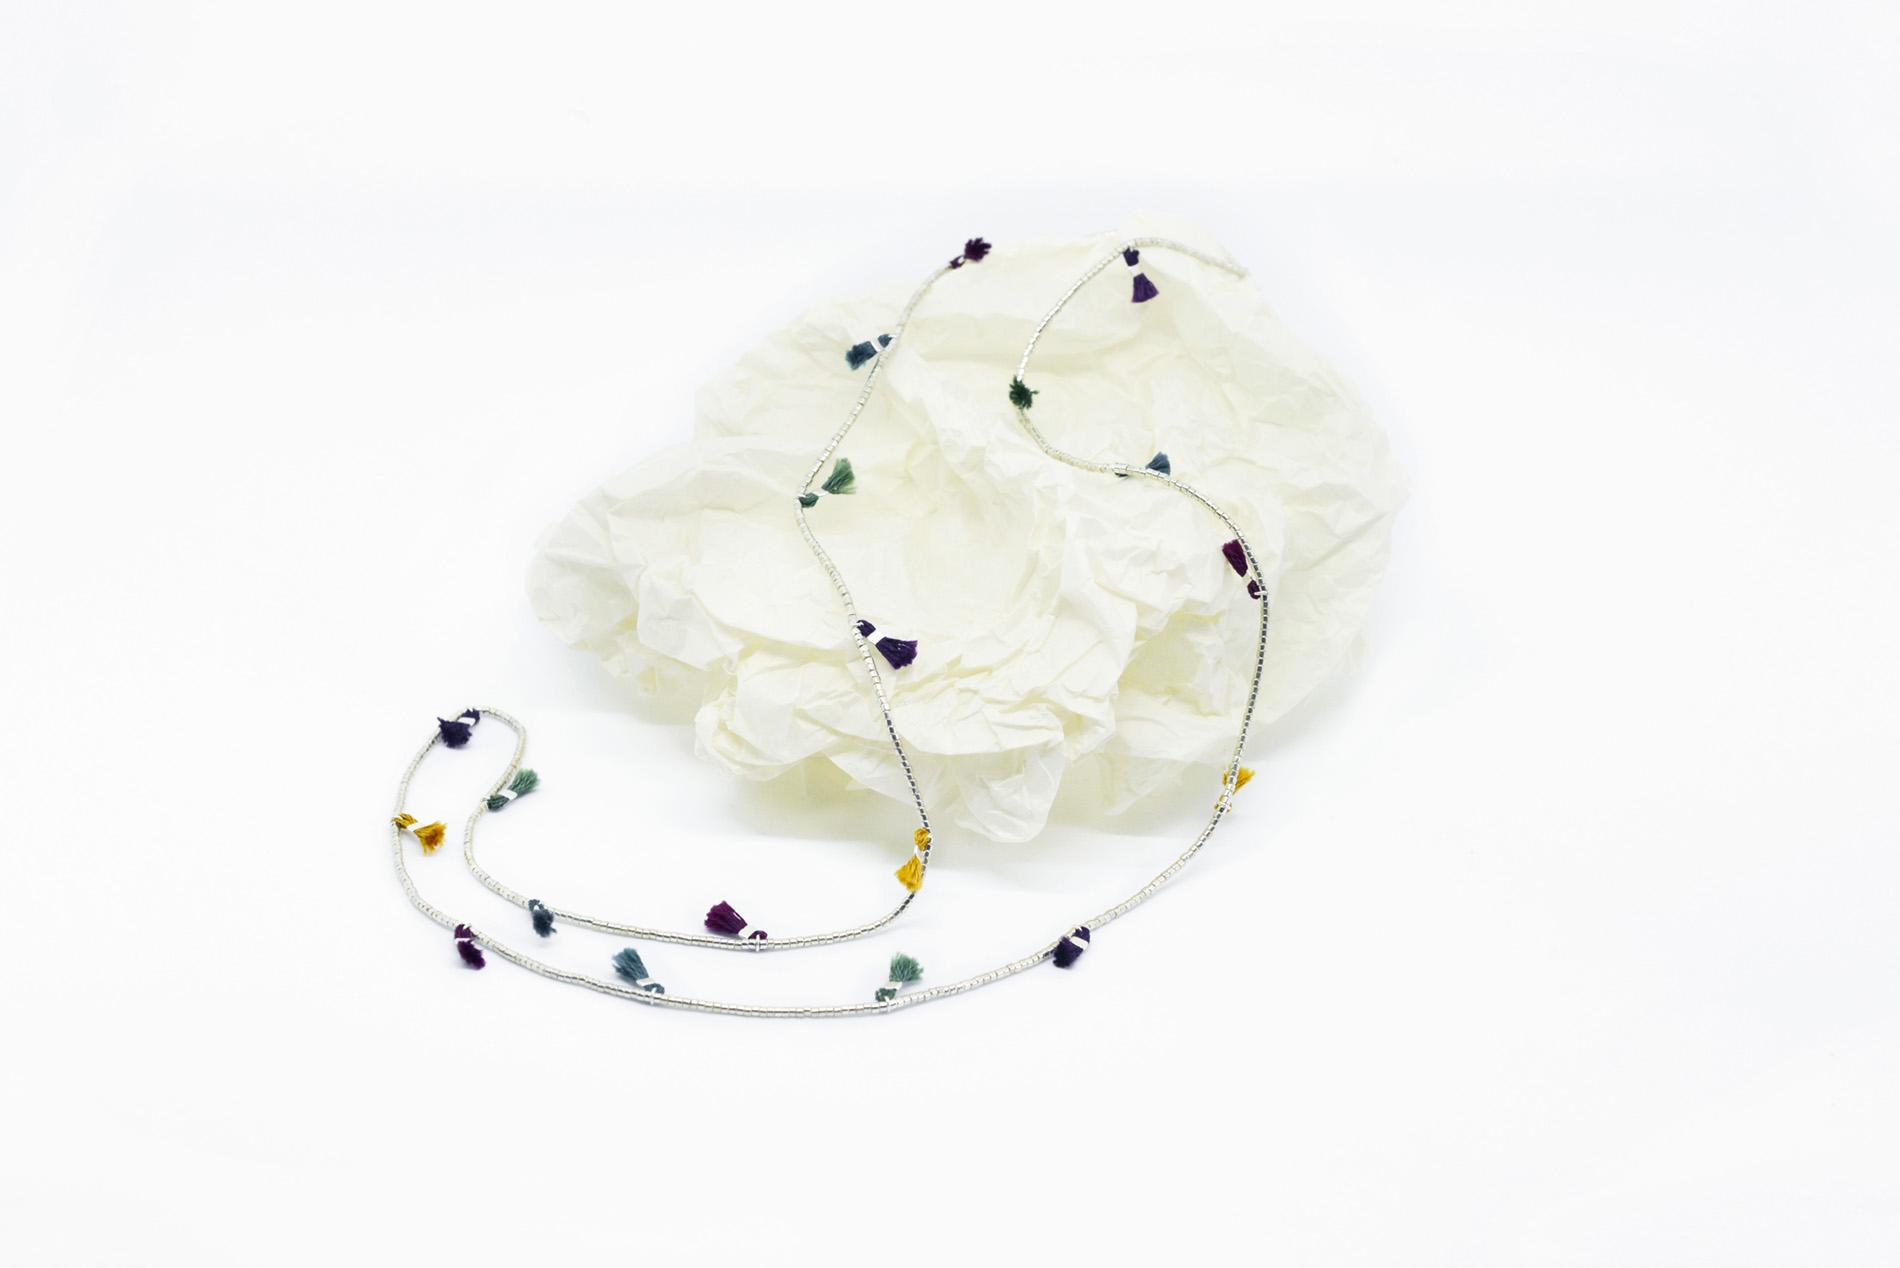 Sautoir in miyuki argento con nappine multicolor_90e